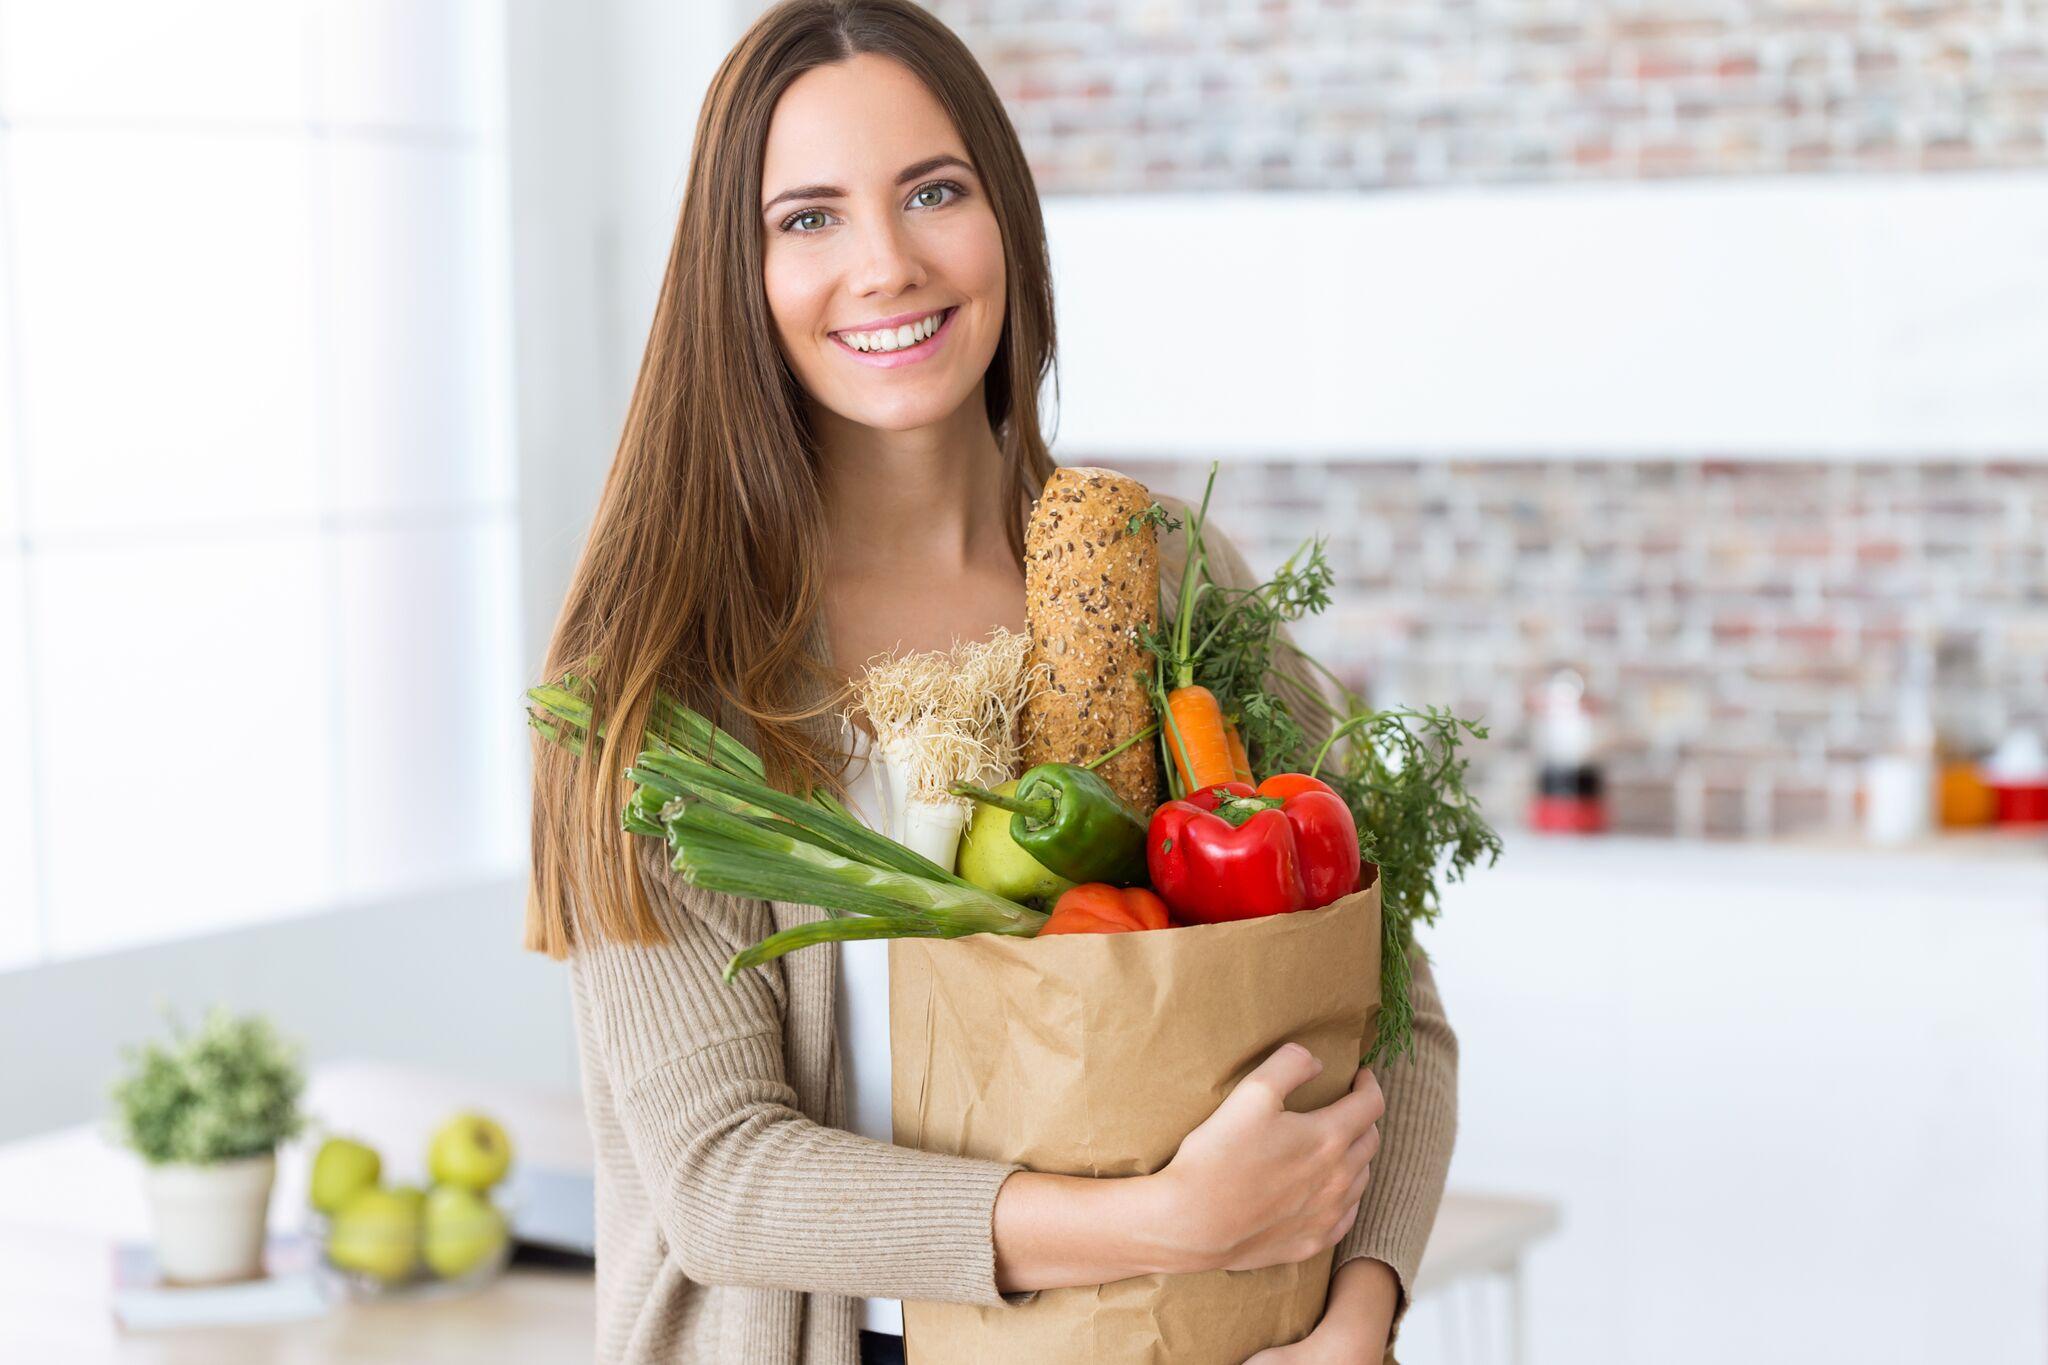 Ist eine Diät sinnvoll?